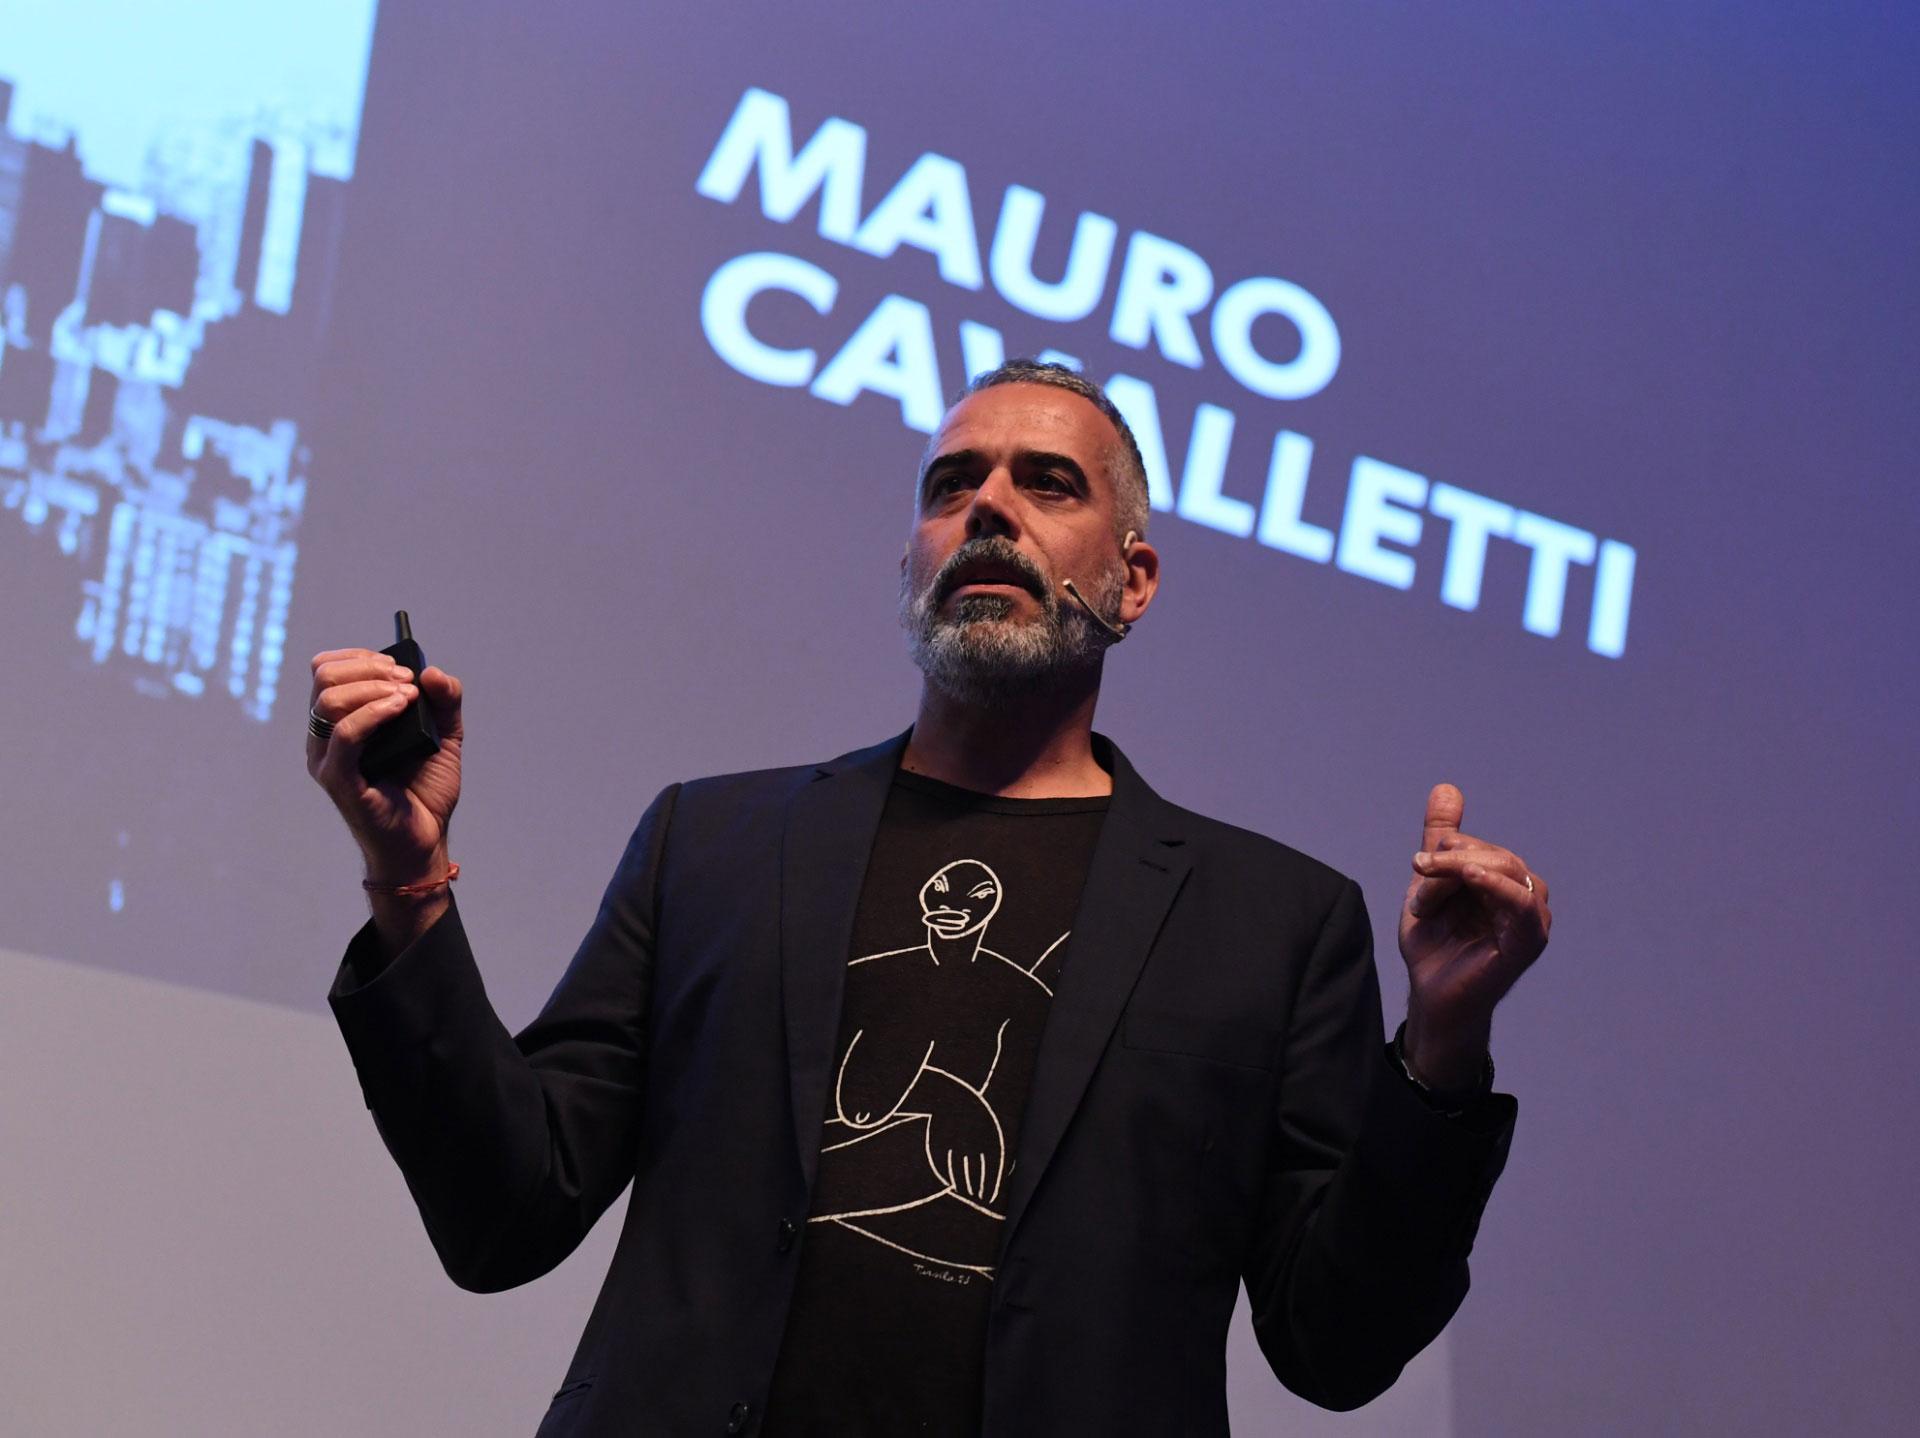 Mauro Cavaletti director del área de creative shop de Facebook e Instagram durante su conferencia.